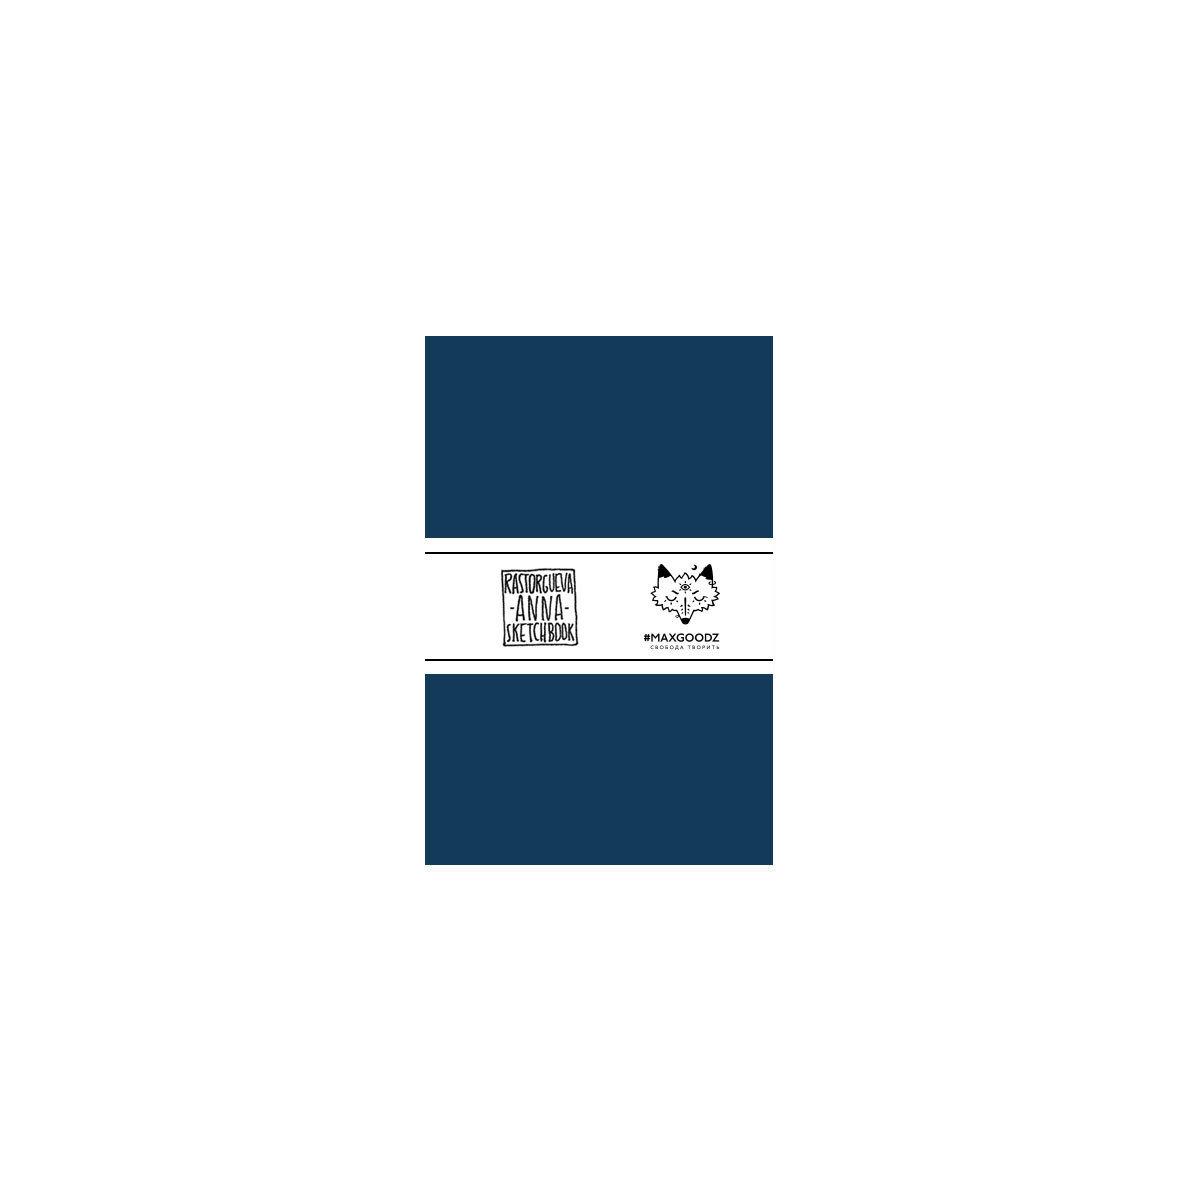 Купить Скетчбук для маркеров Maxgoodz Pocket Marker А6, 20 л, 220 г Синий, Россия